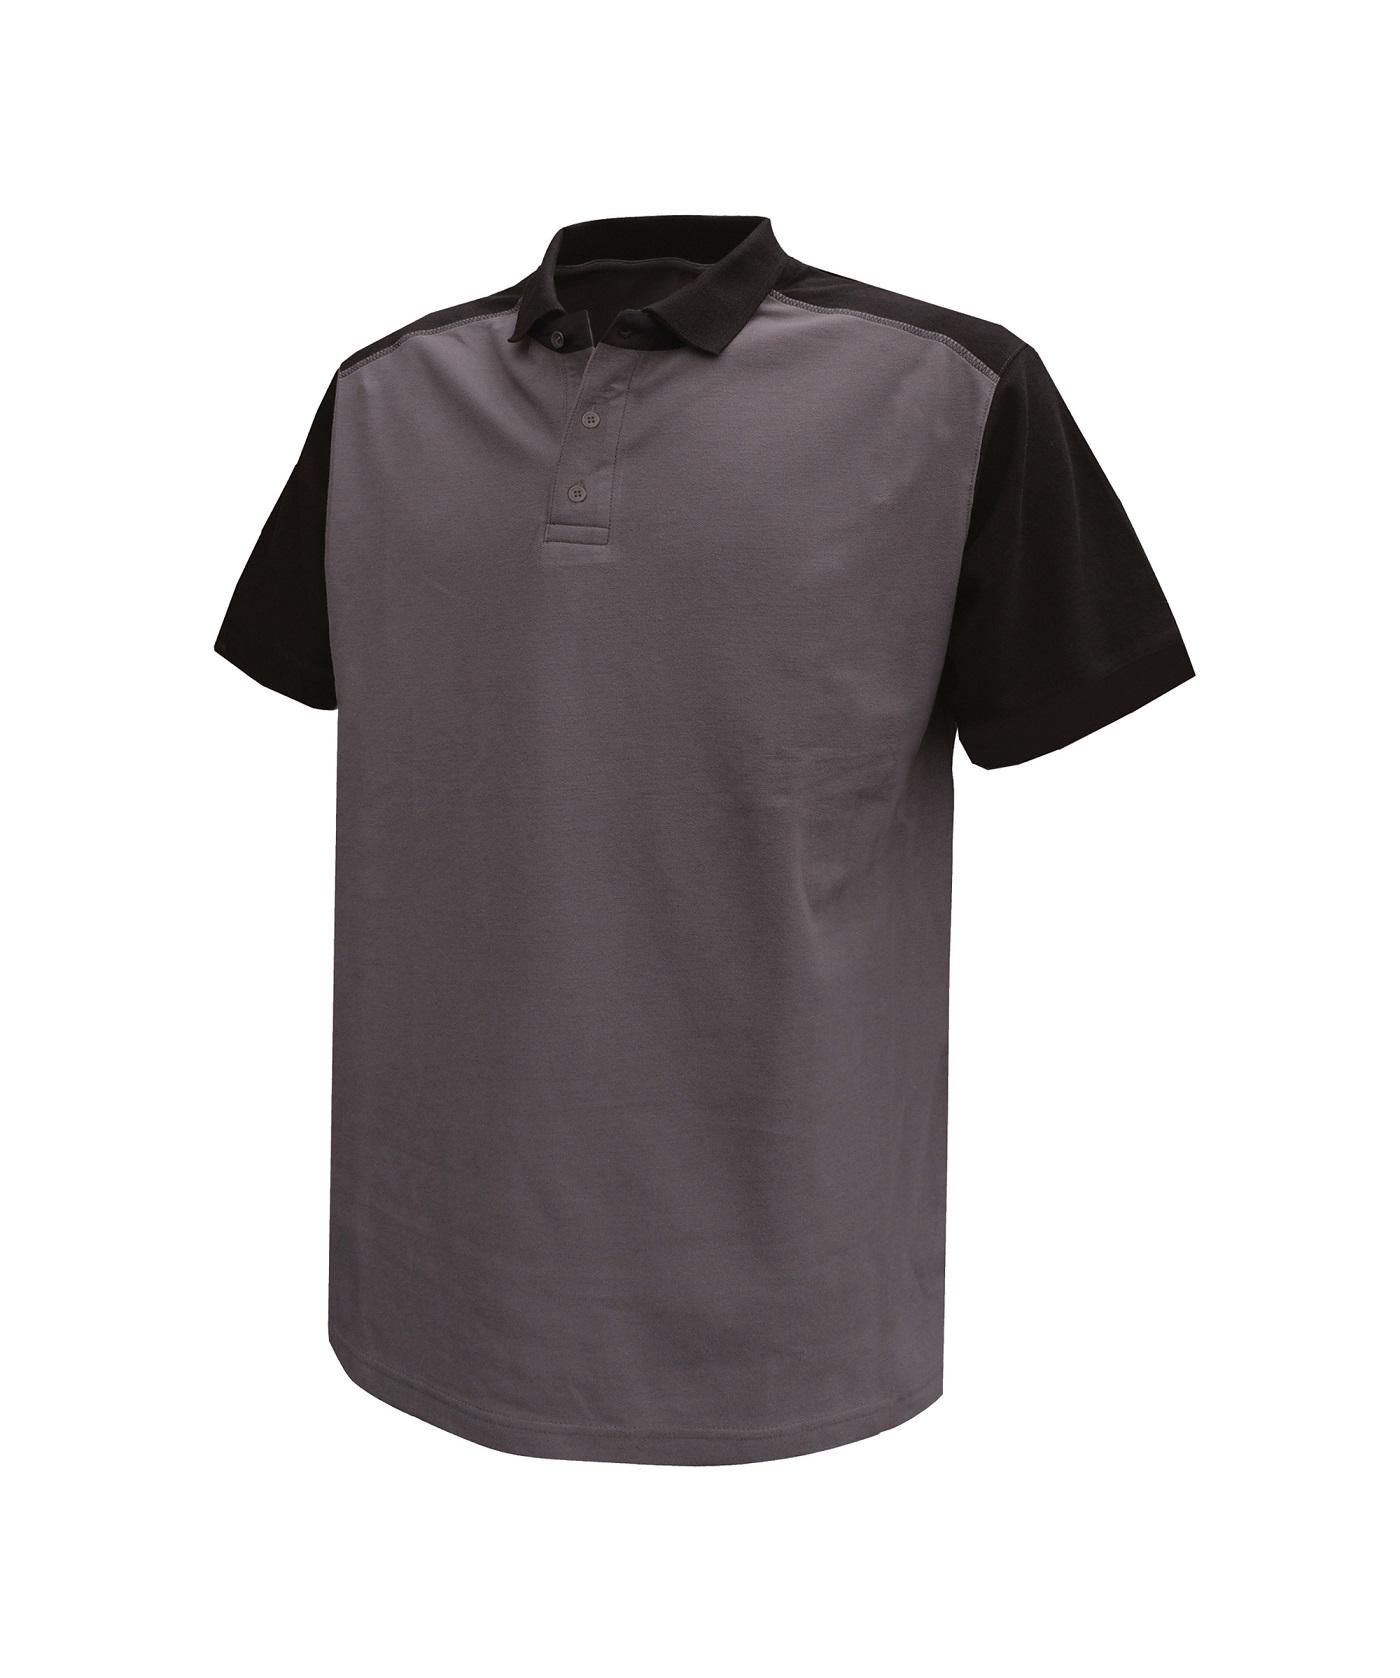 Dassy, Cesar zweifarbiges Poloshirt 710004